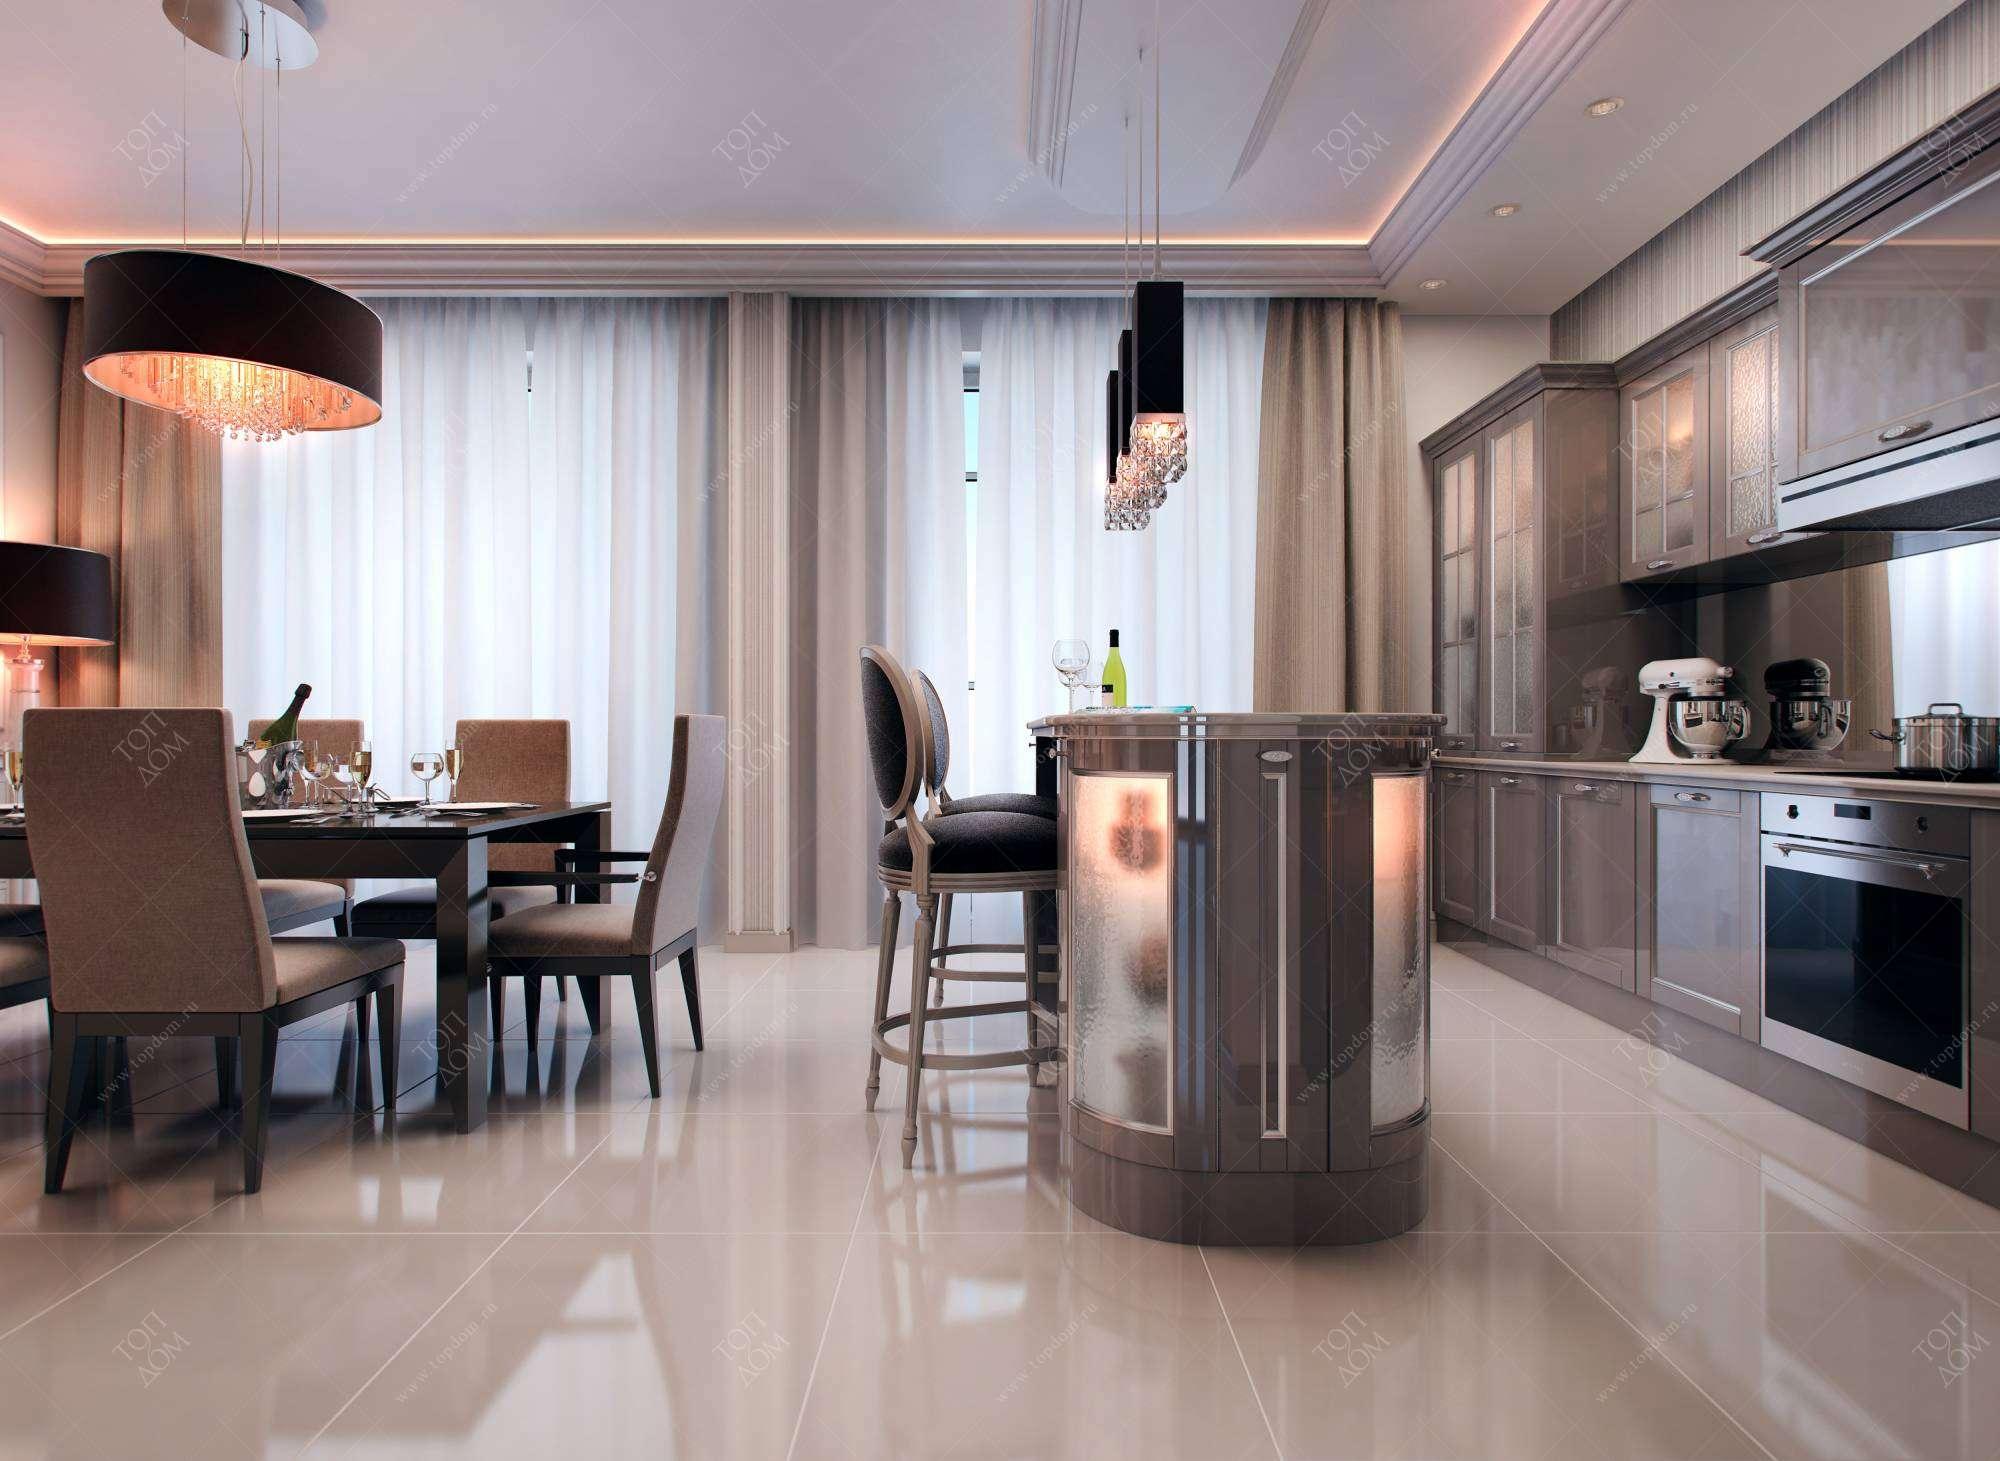 Дизайн проект кухни столовой фото